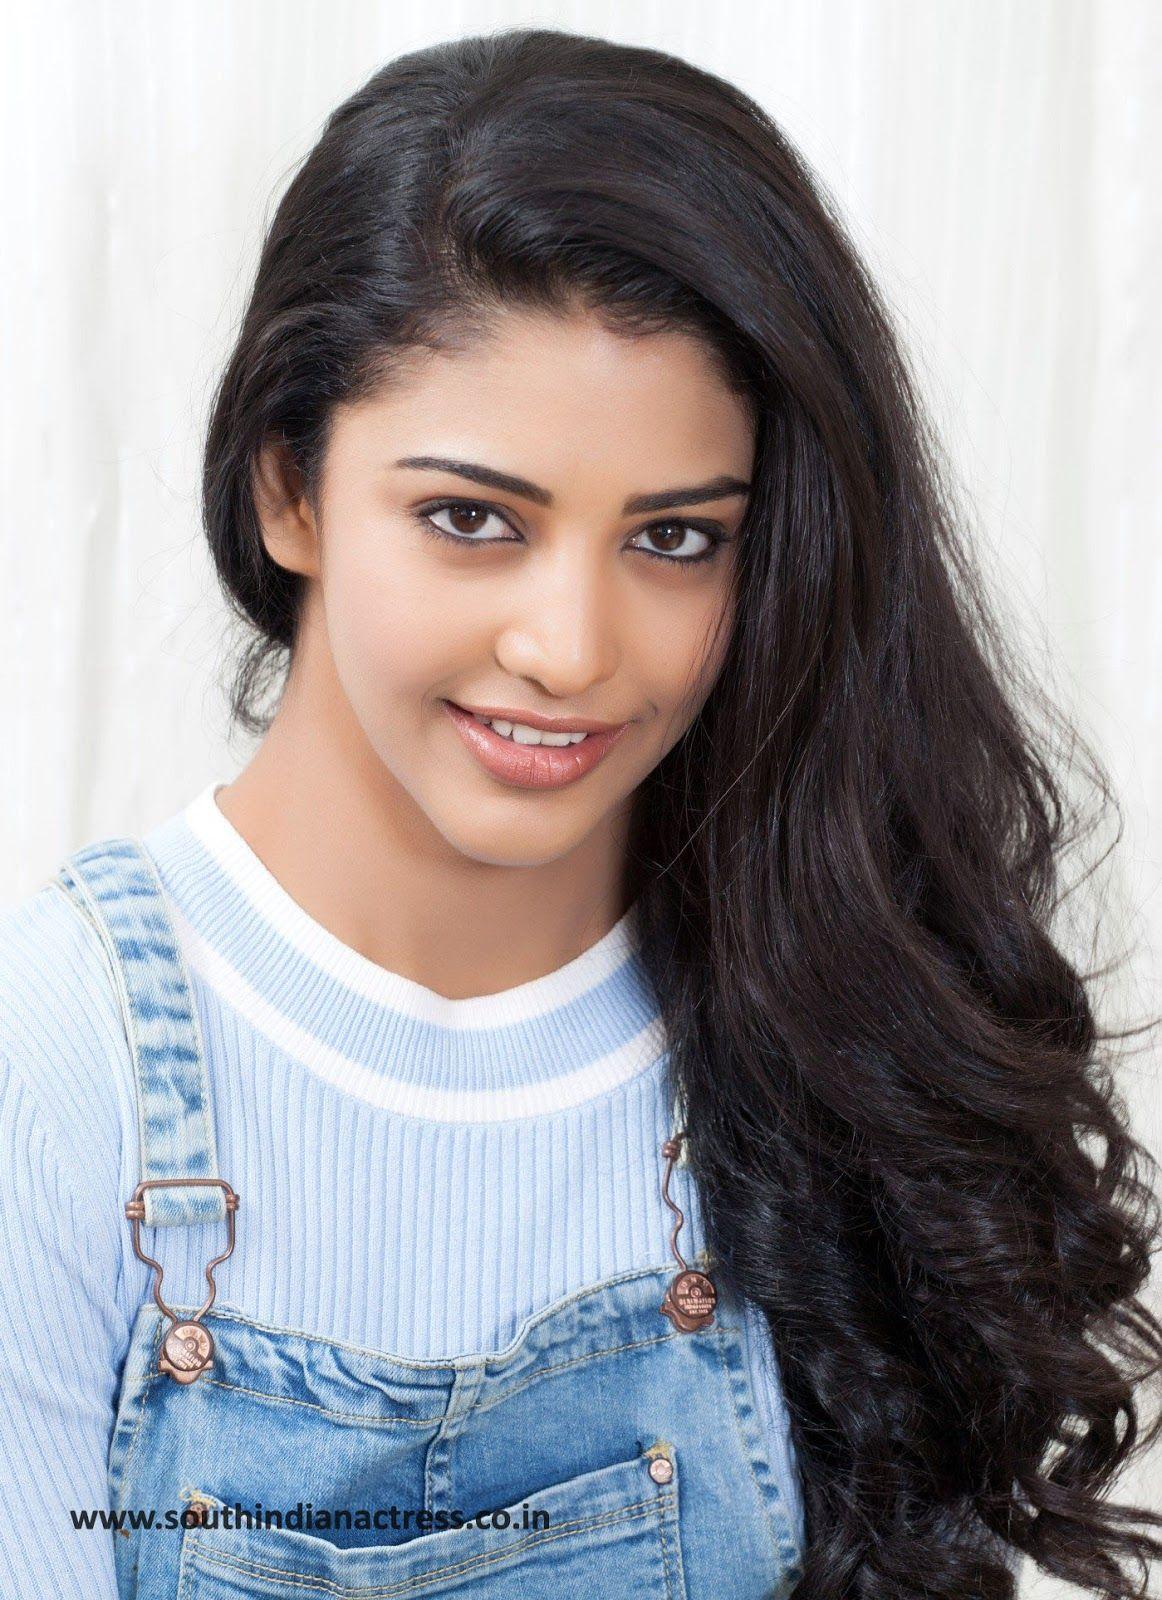 pics Sriti Jha